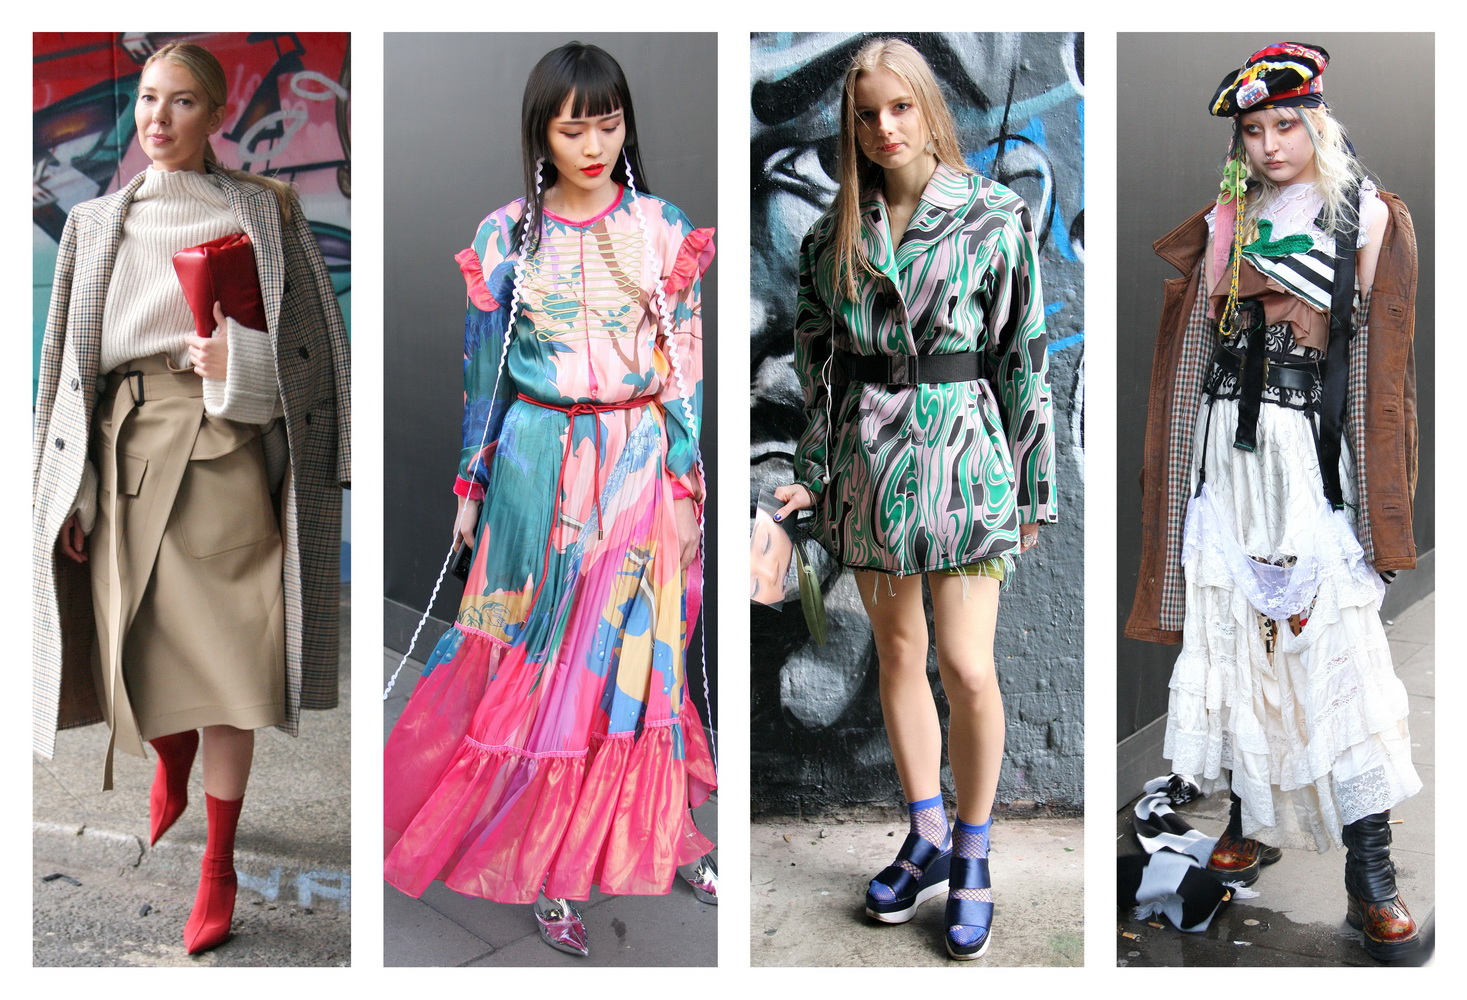 e4c3988a6fad TrendPX  Street London Fashion Week A W 18 Apparel Women - Trends ...